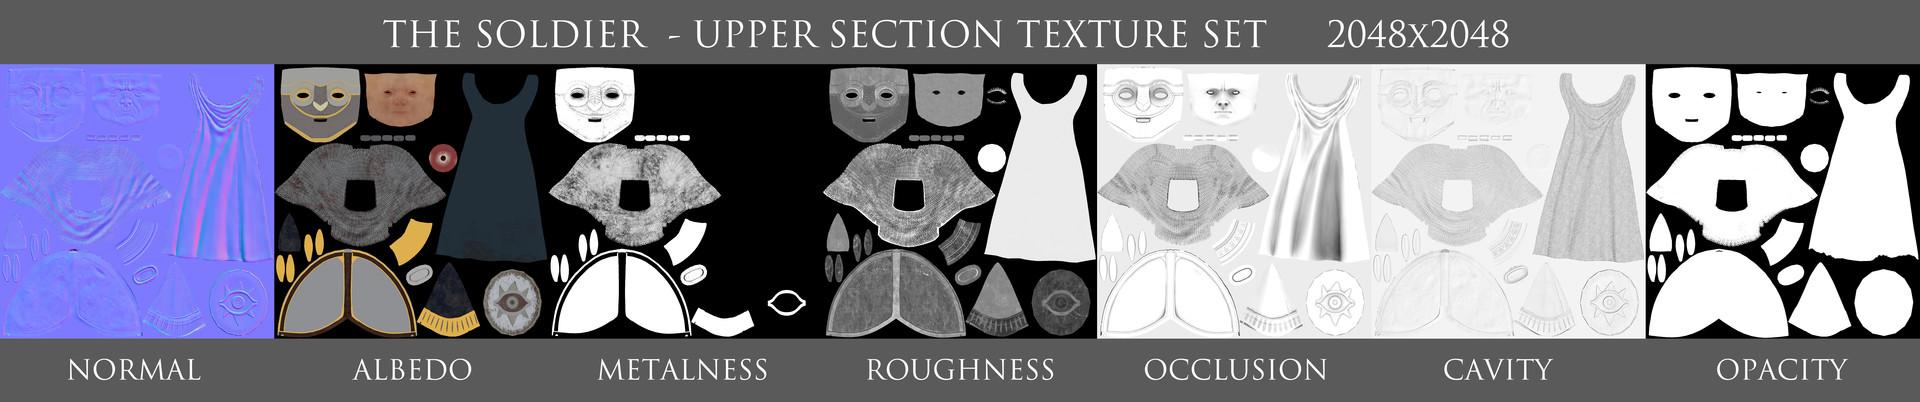 Andrew constantine upper texturesets